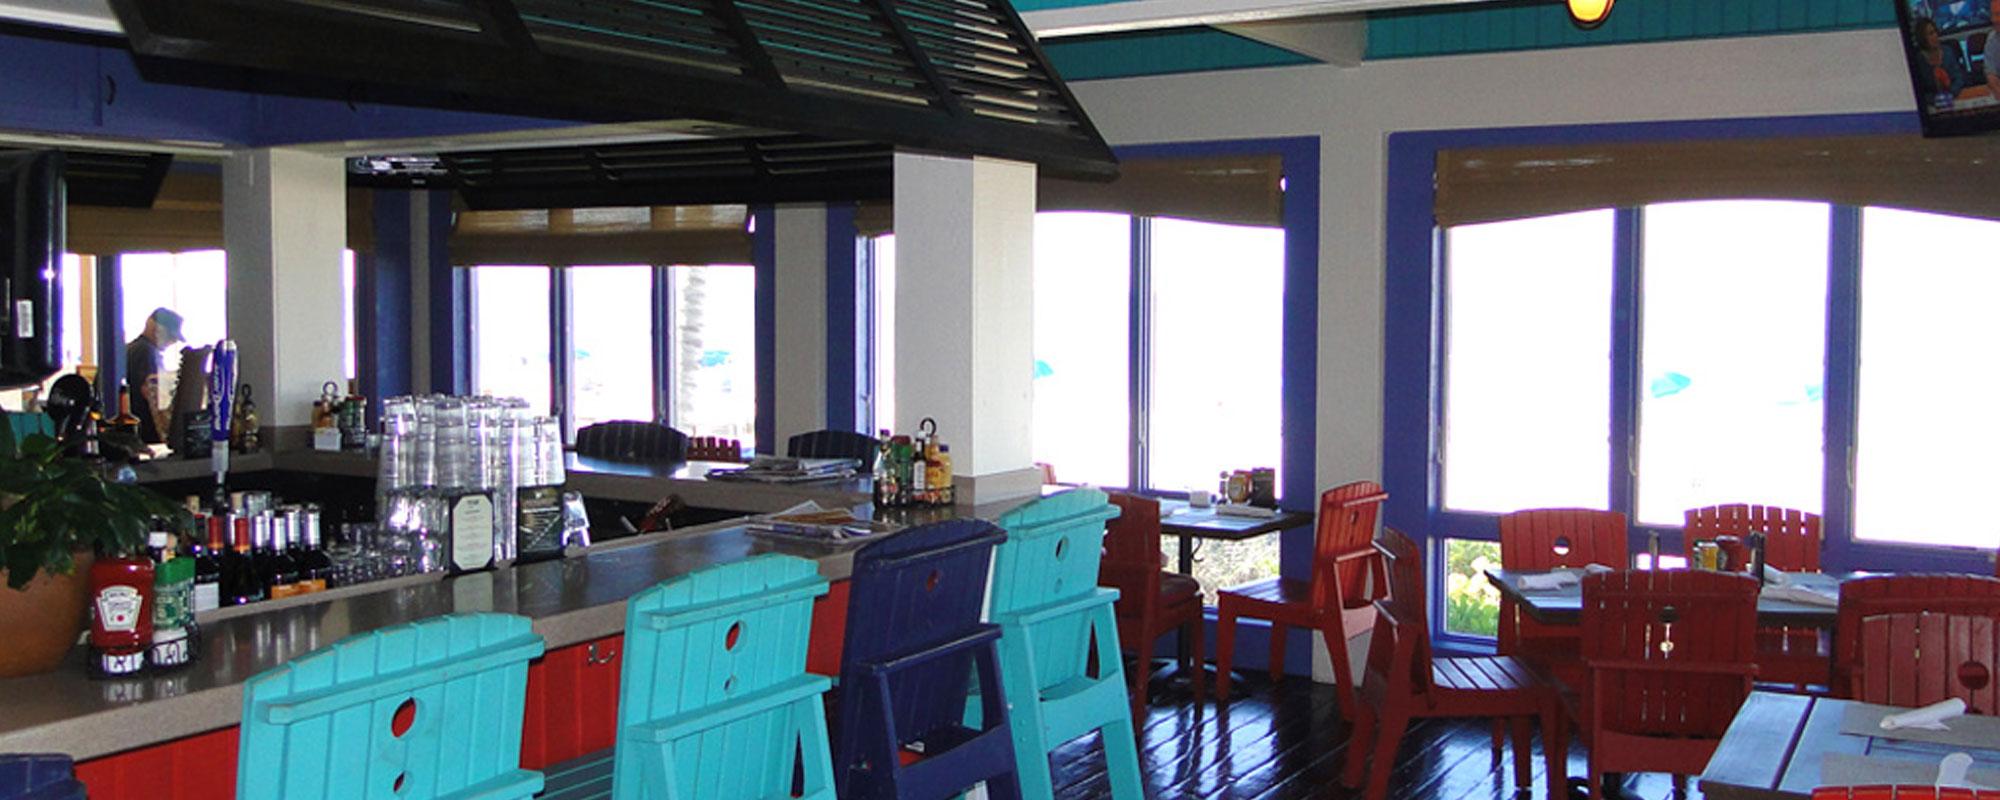 Pelican Bay Sunset Café – Naples